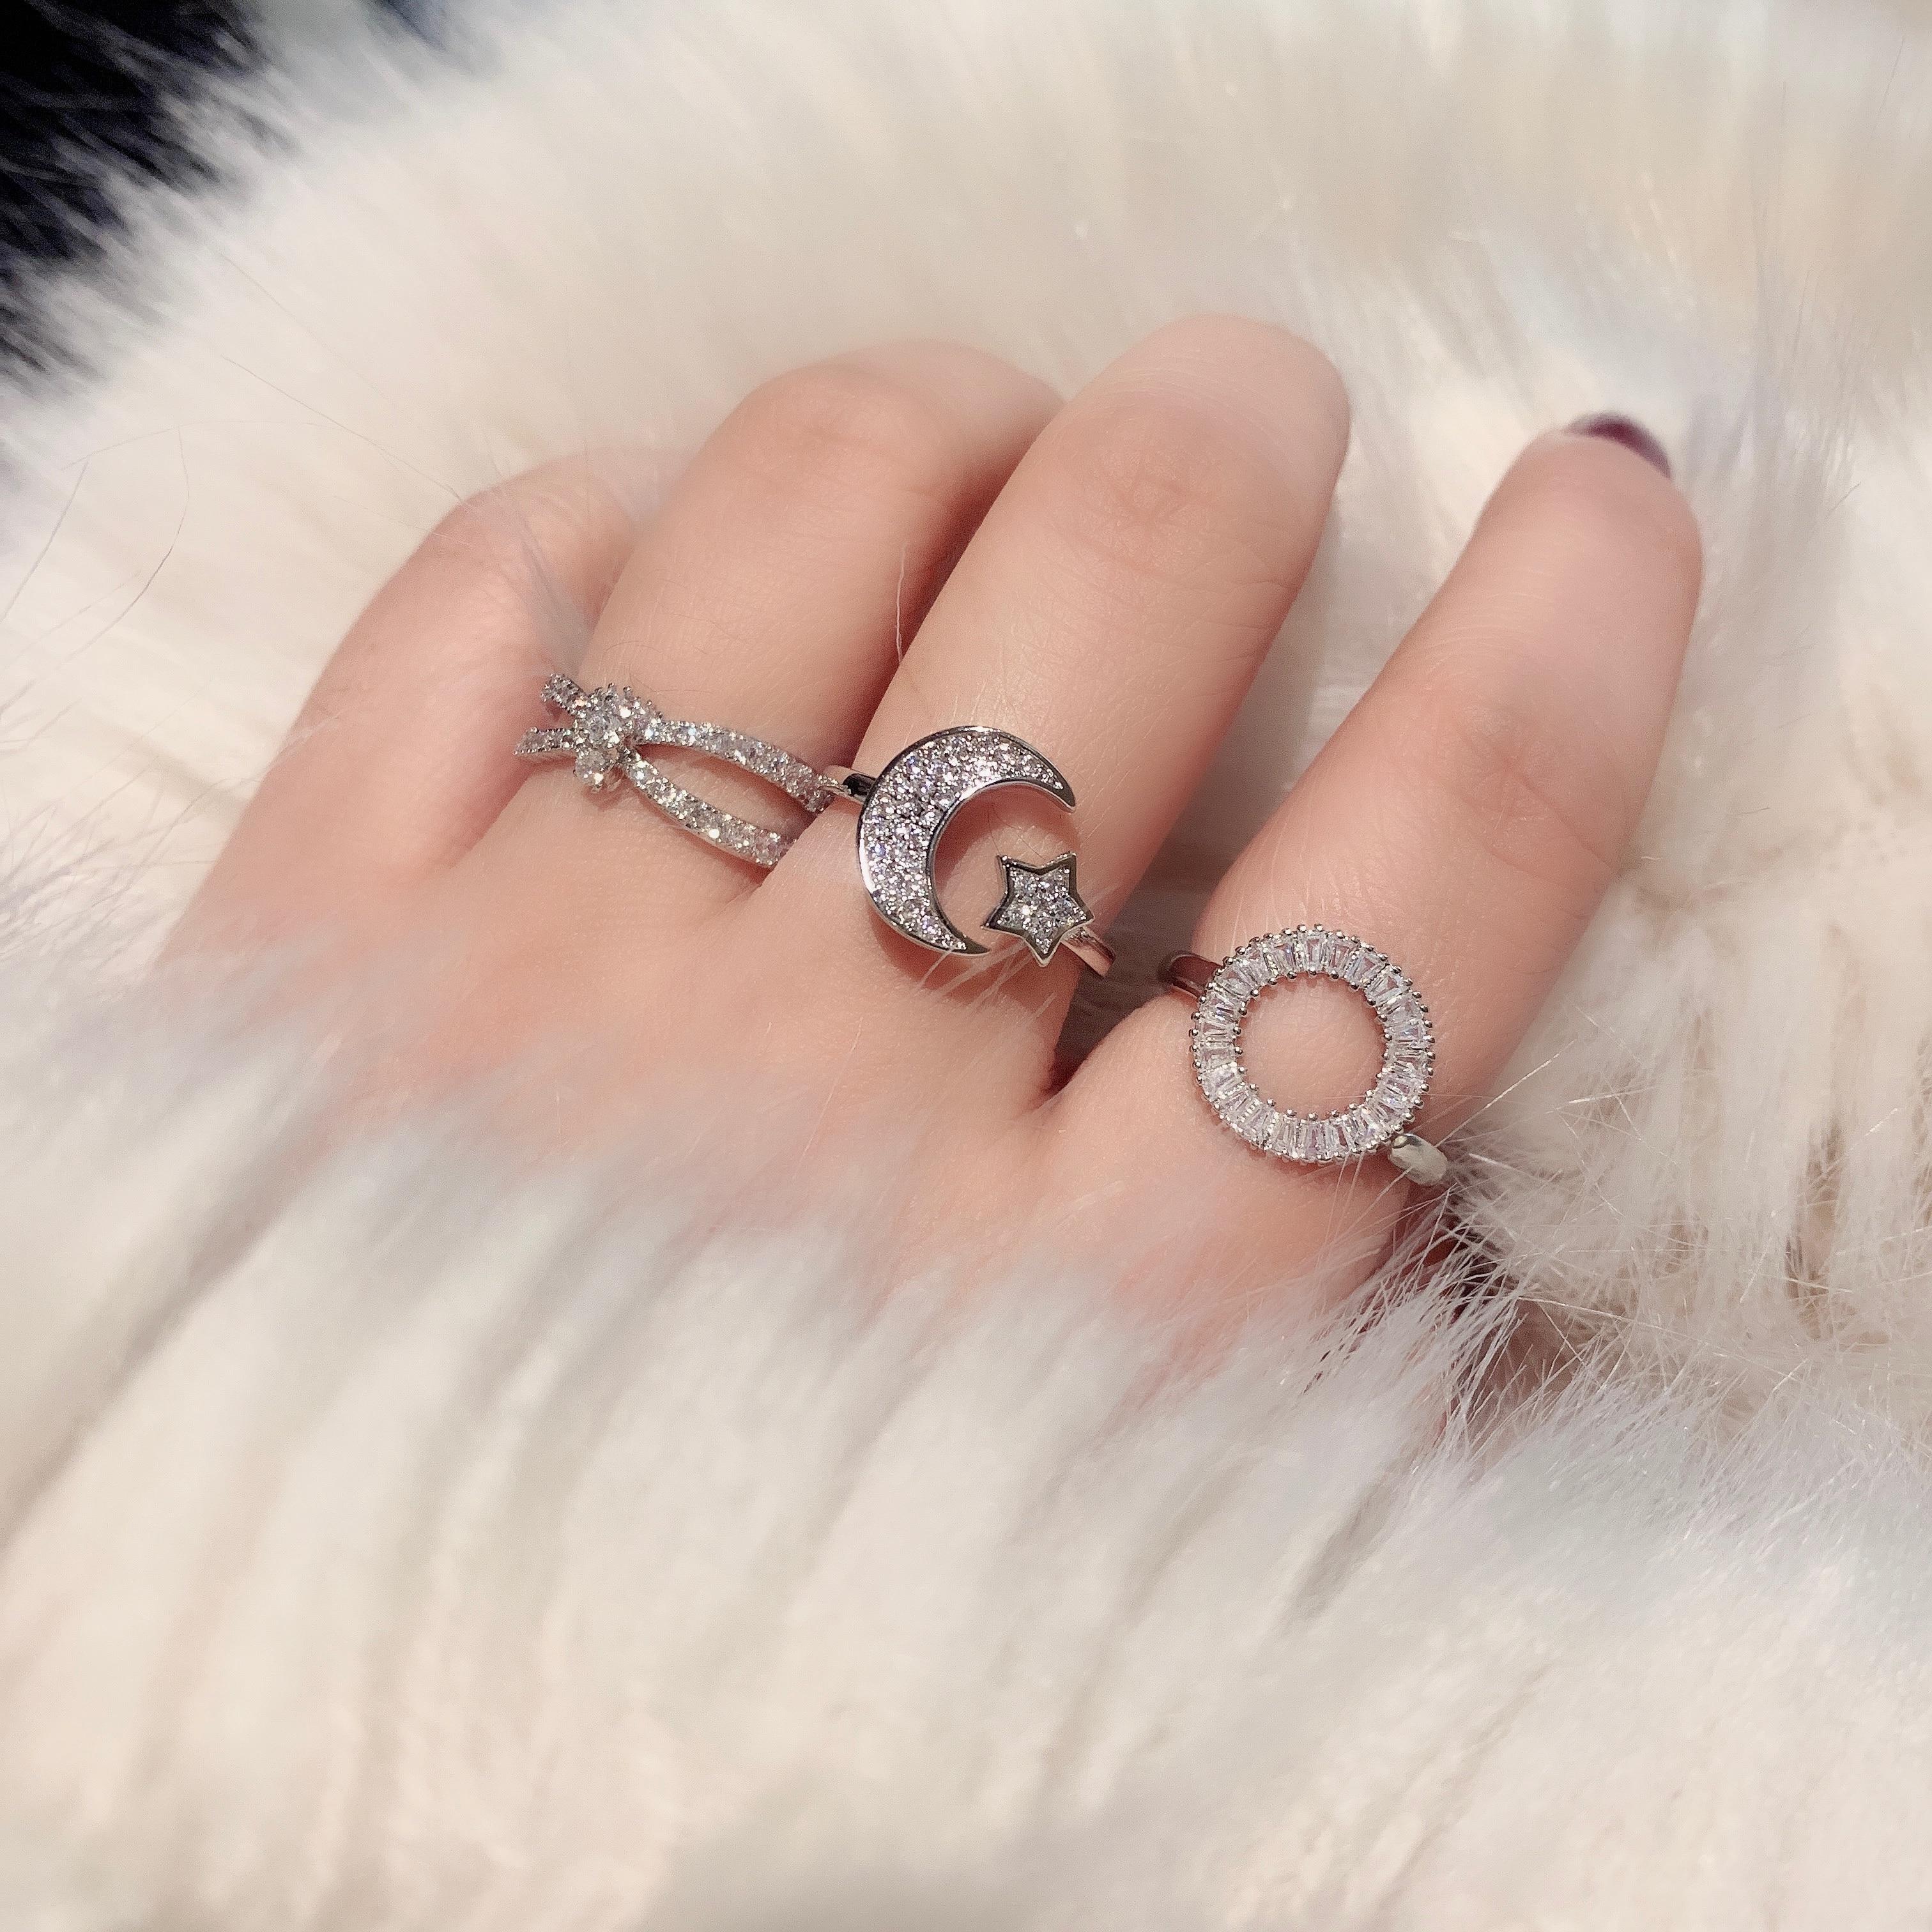 Anillo de diamante elegante que combina con todo, sencillo, estilo frío, personalidad...